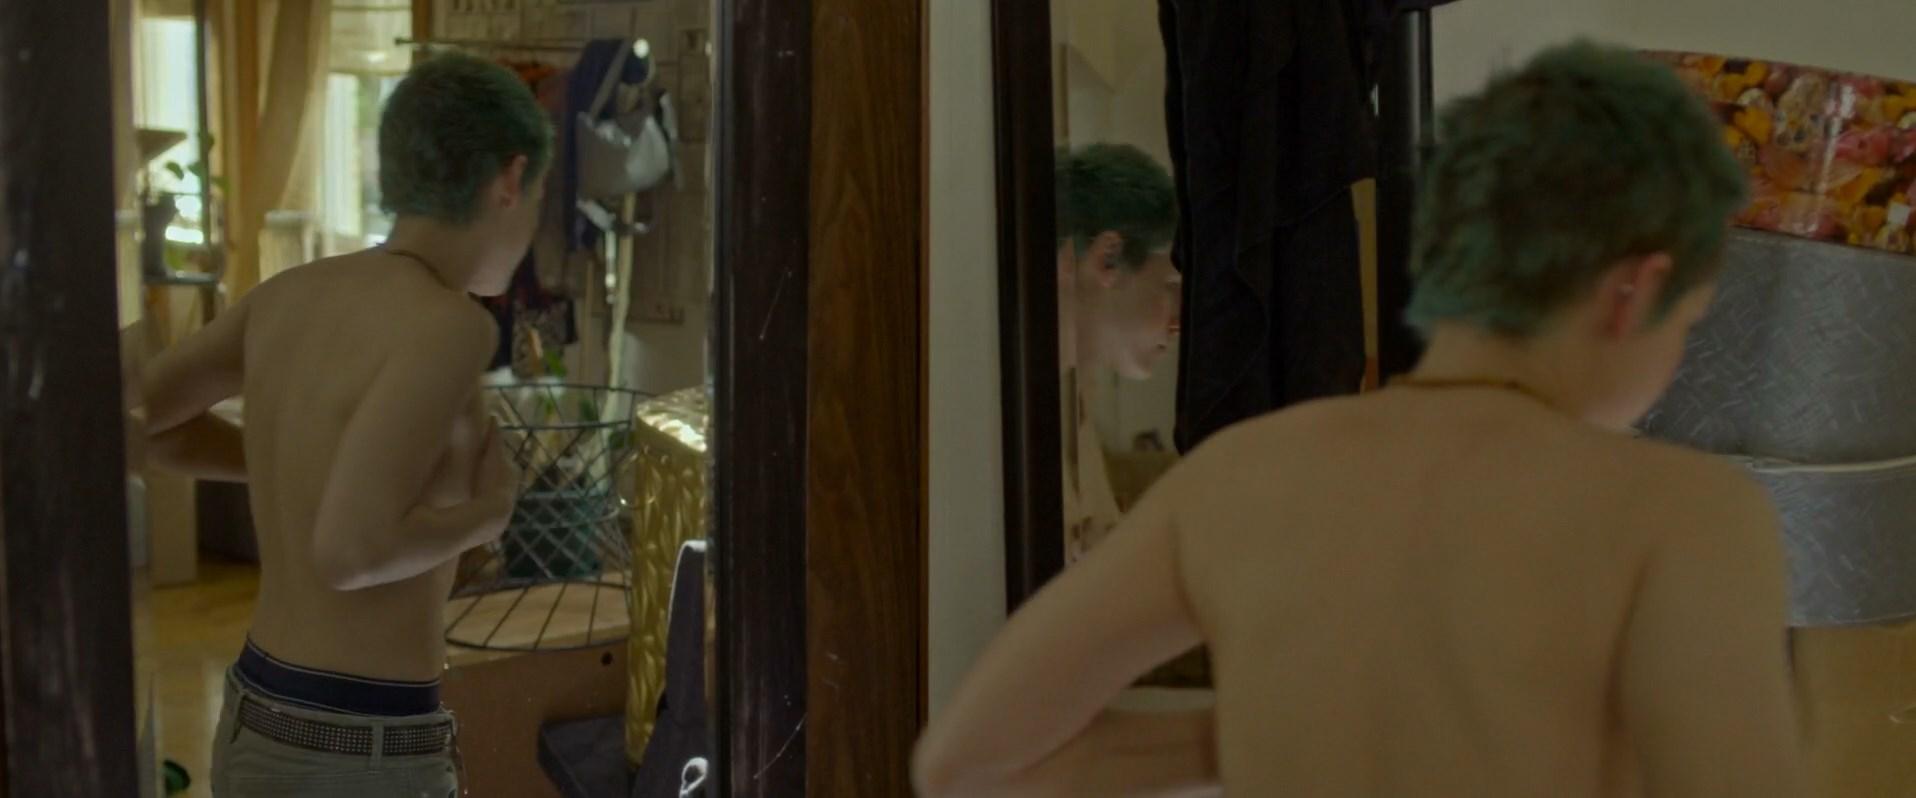 Kristen Stewart  JT Leroy  1080p  Nude Celebrity Clips